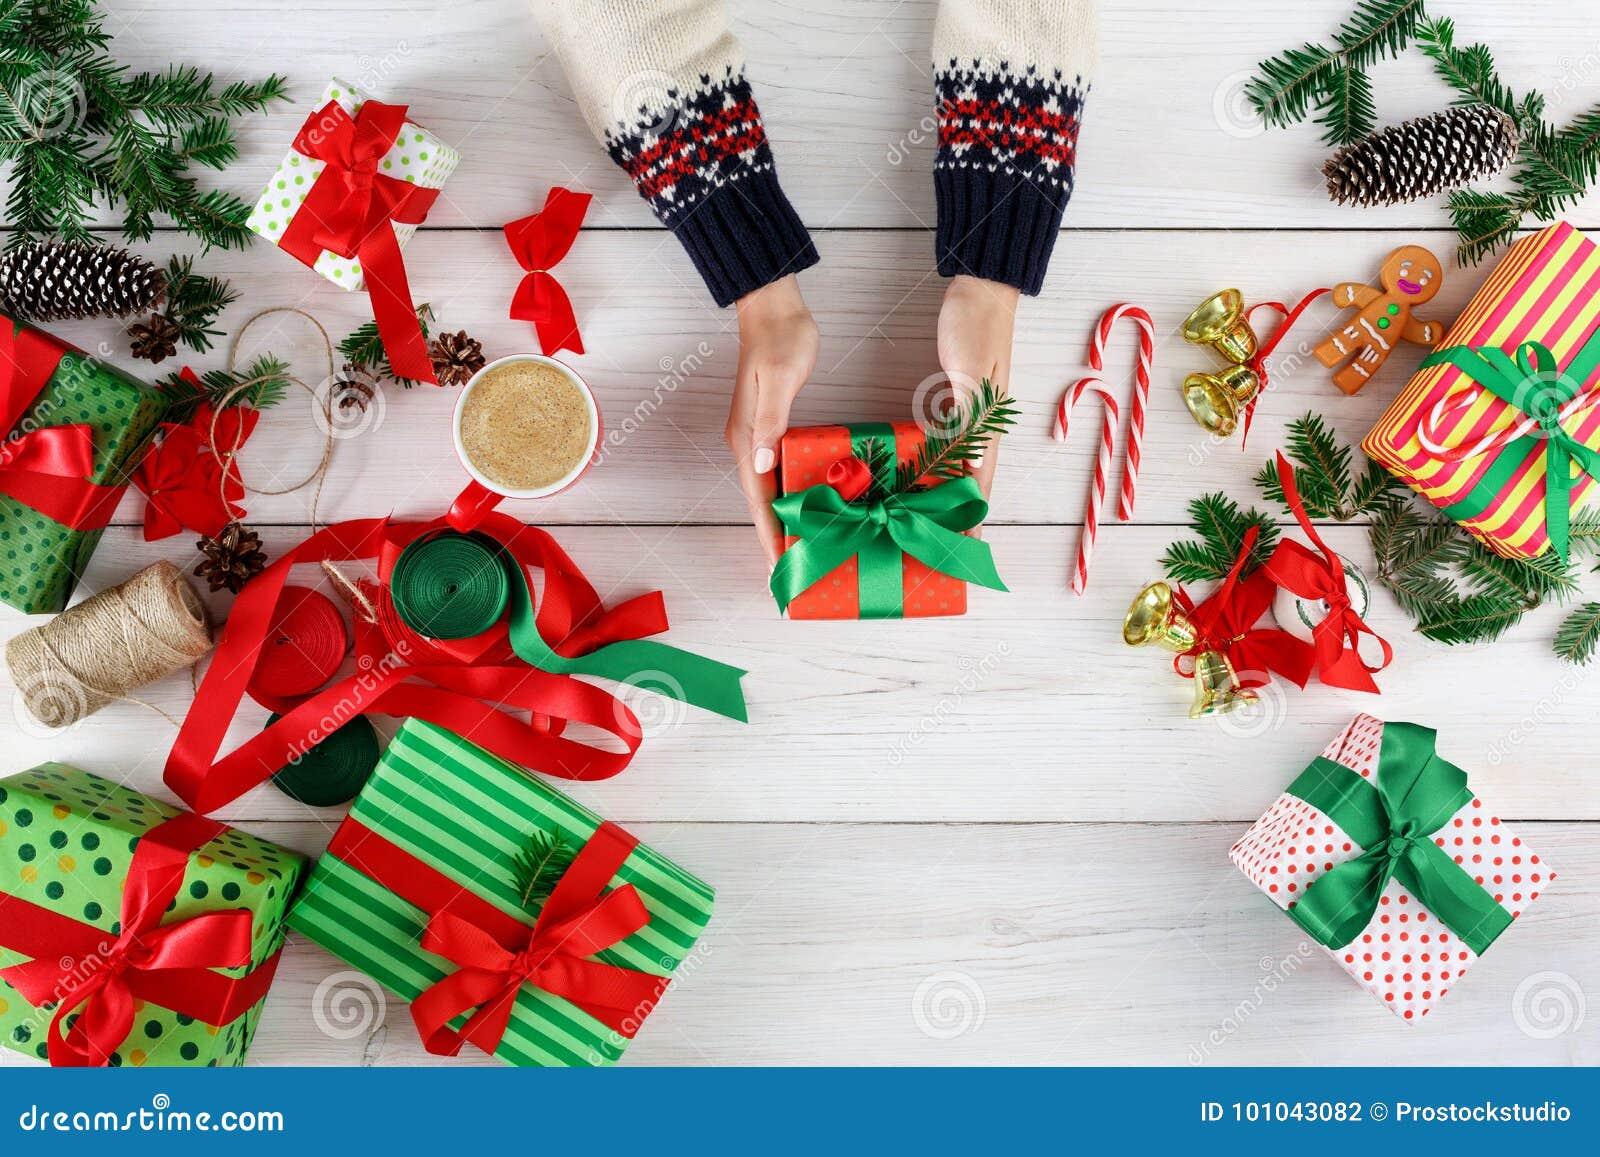 Modern handmade christmas gifts